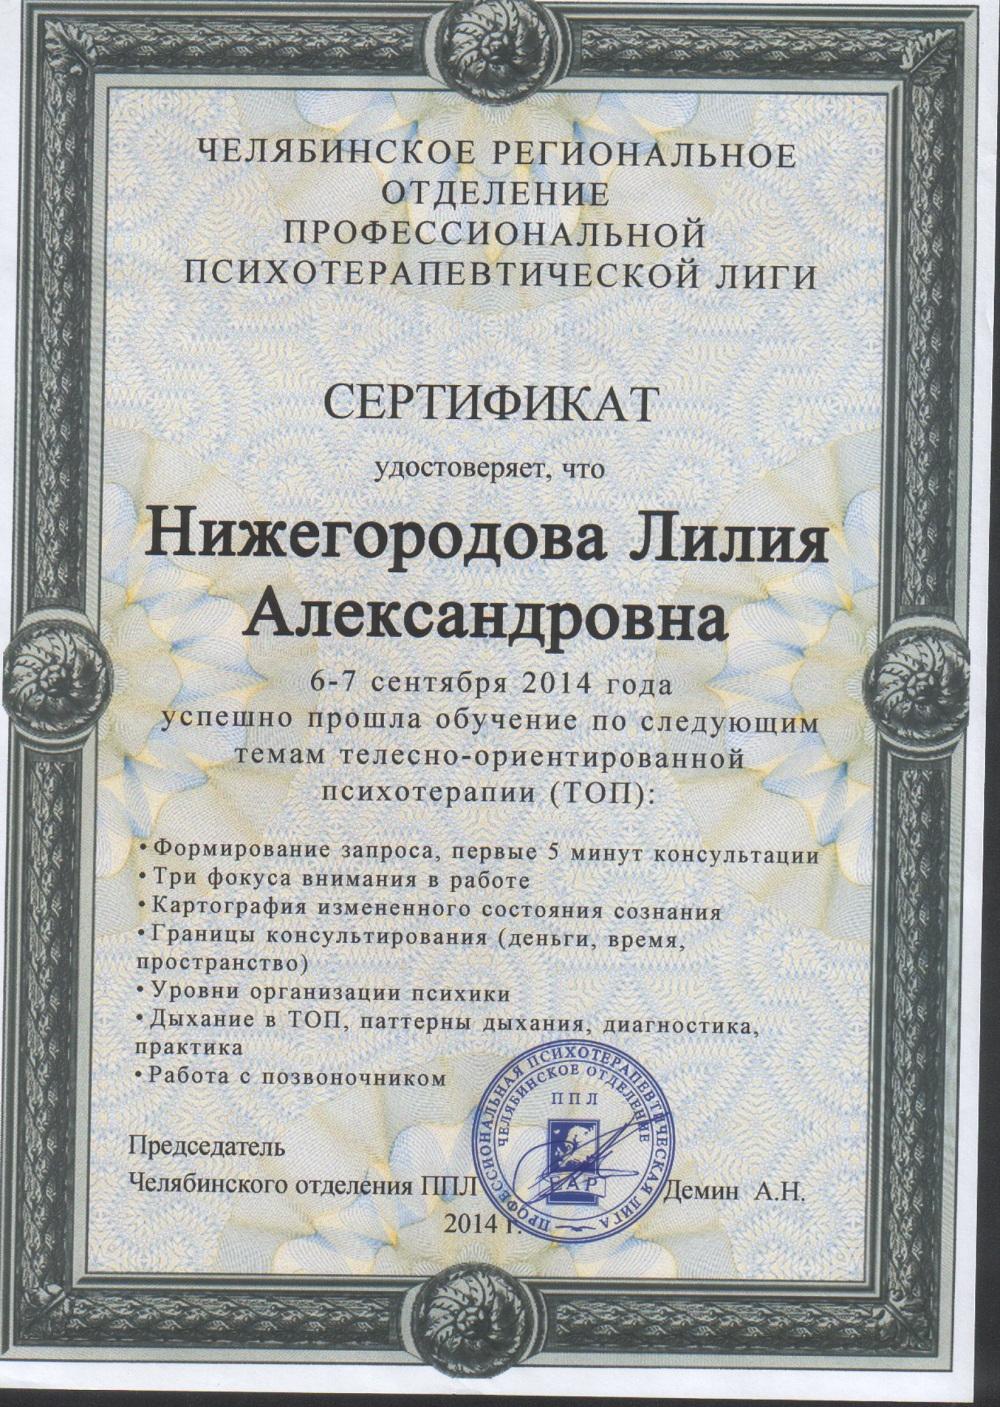 Сертификат курса «Телесно-ориентированной терапия»